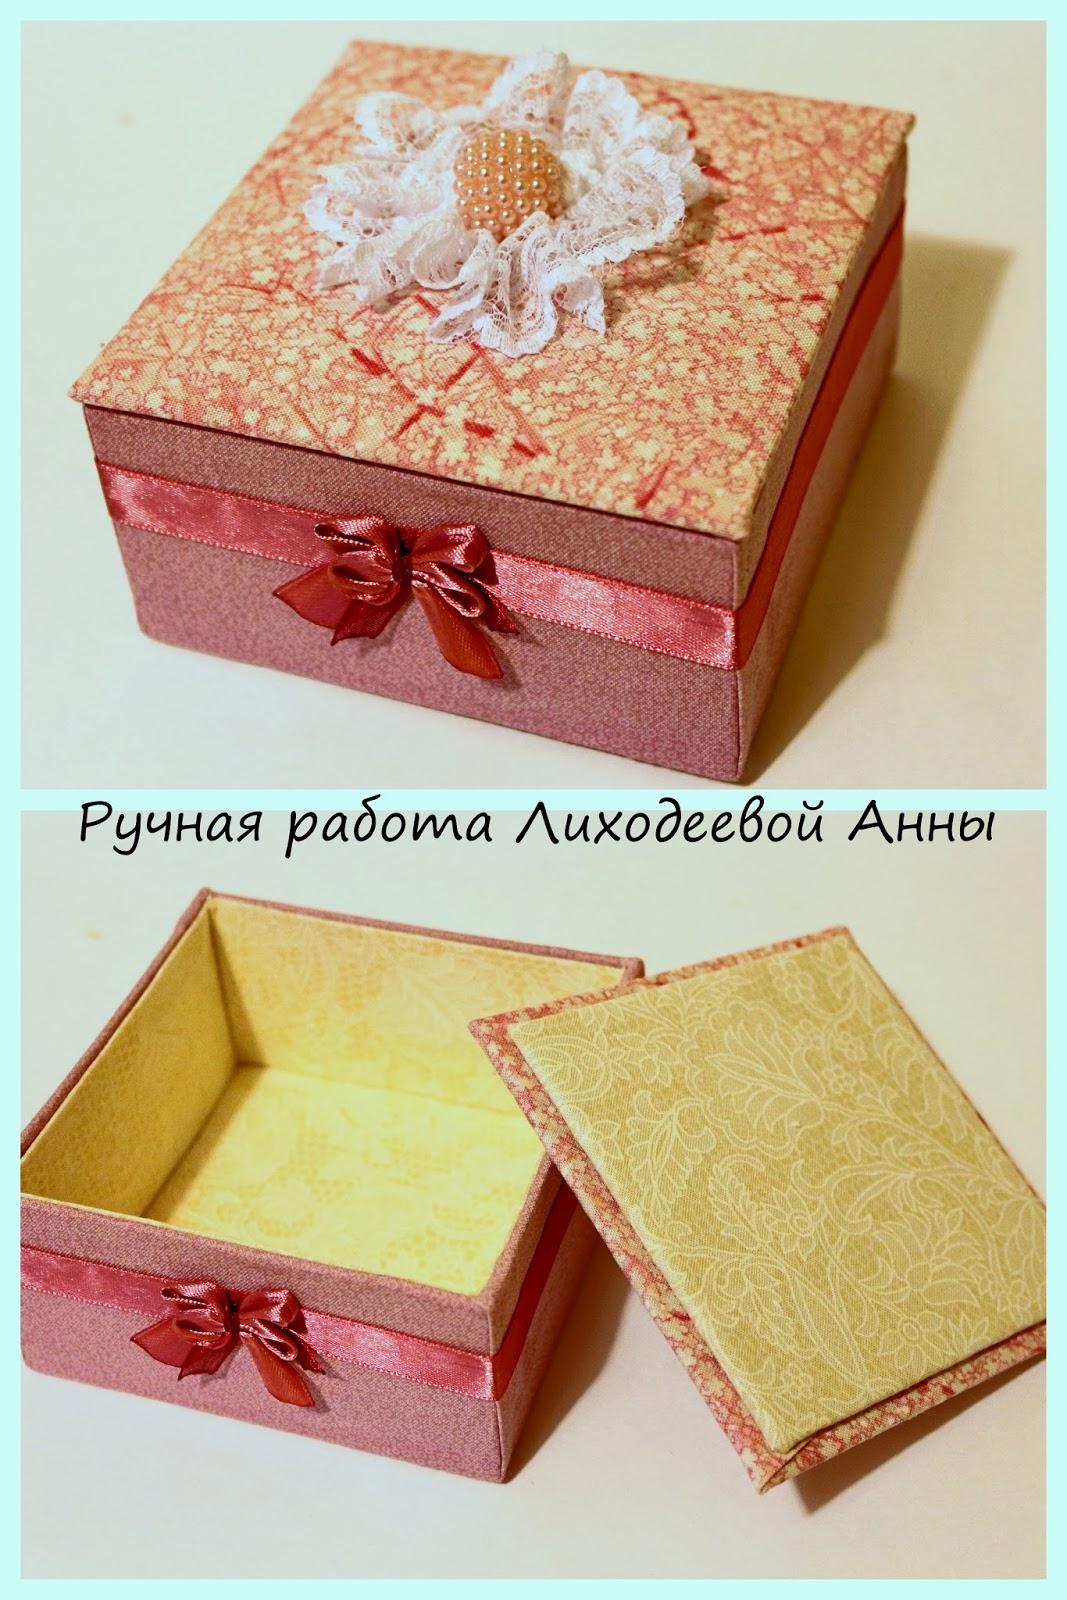 Коробка декоративная своими руками